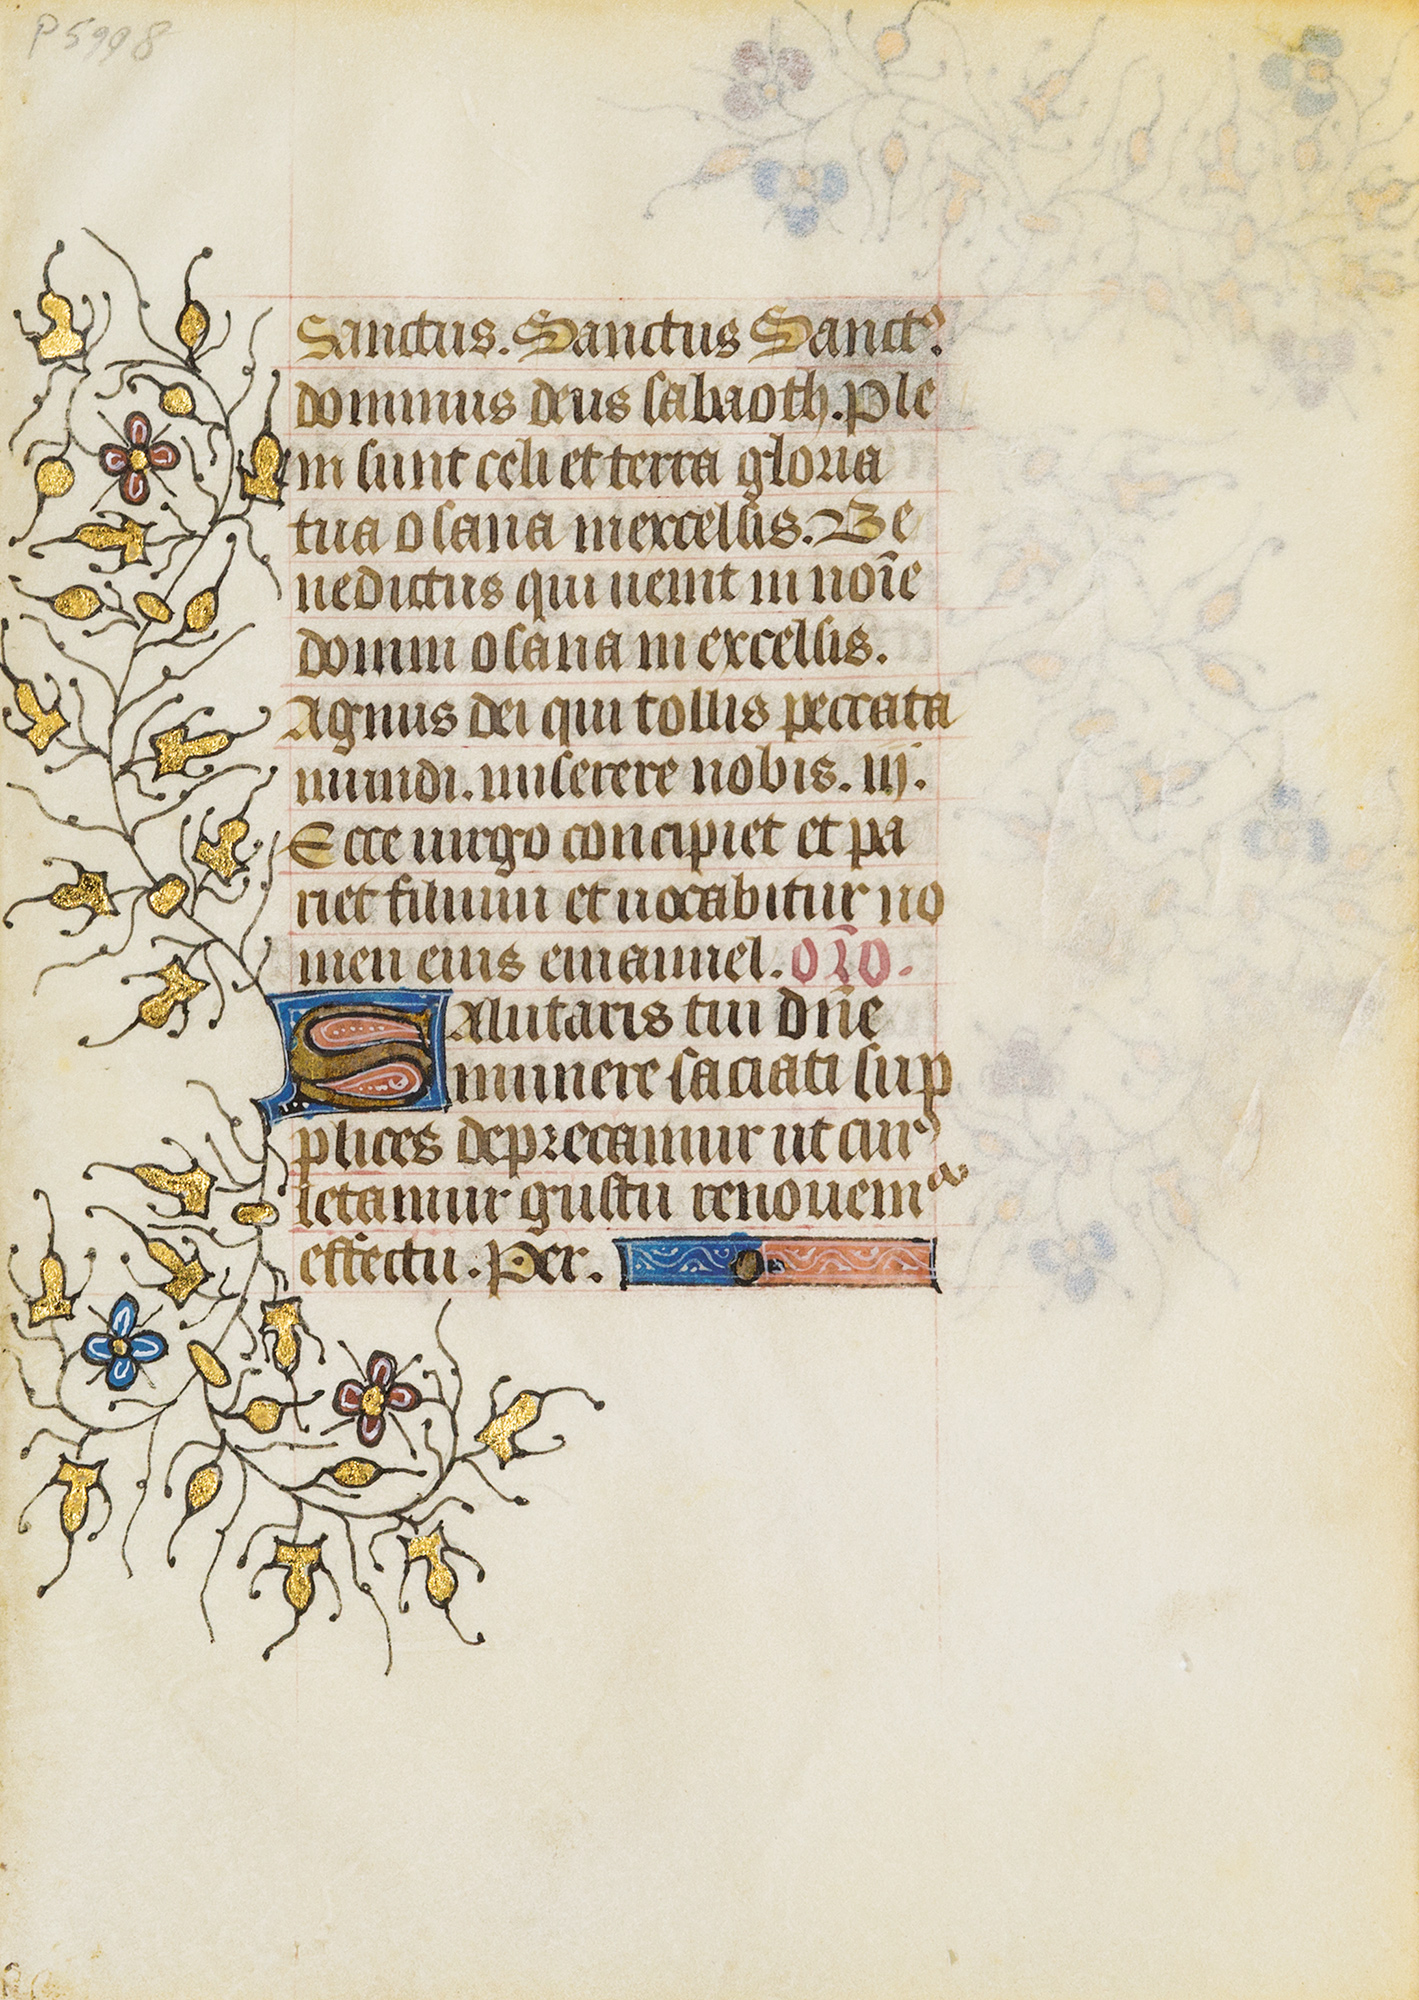 Sanctus, Agnus dei, Salve regina, etc.